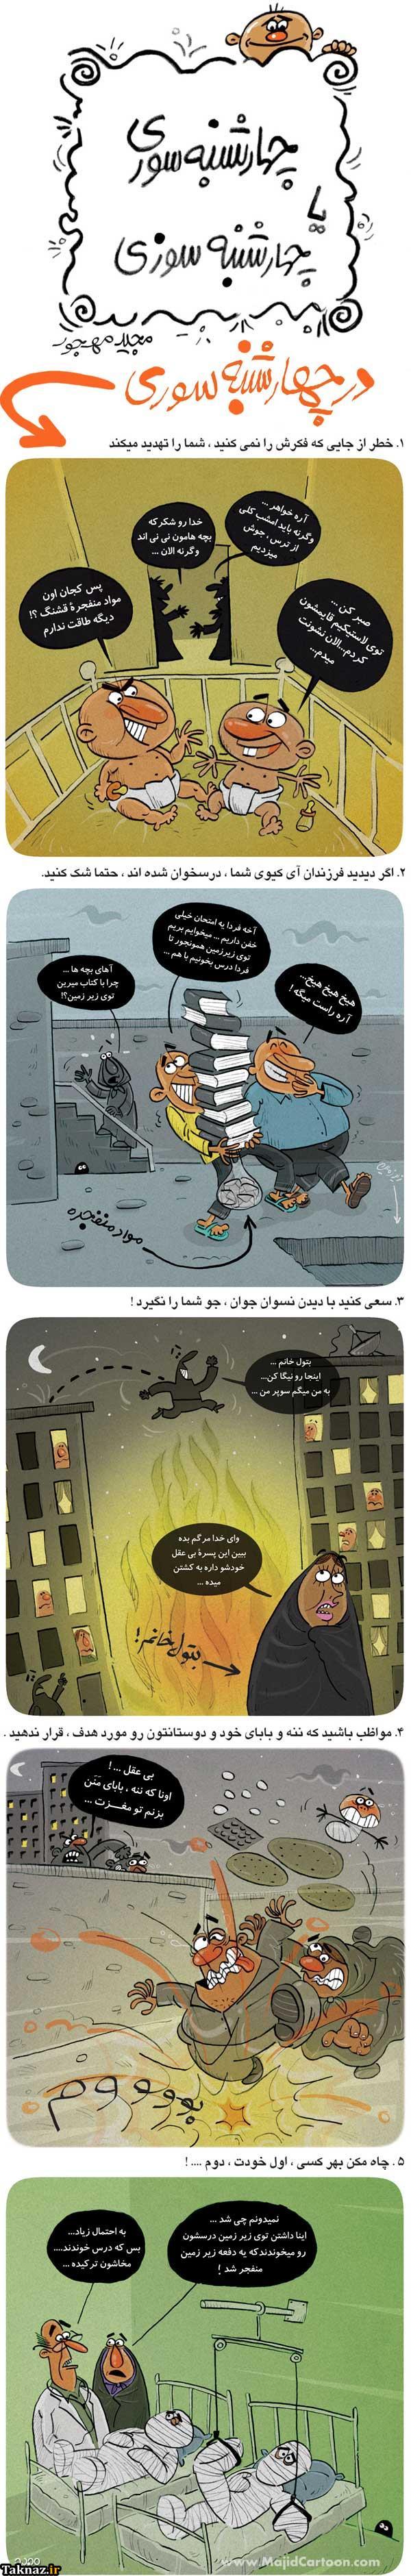 چهارشنبه سوری در گذر زمان ! (تصاویر طنز)